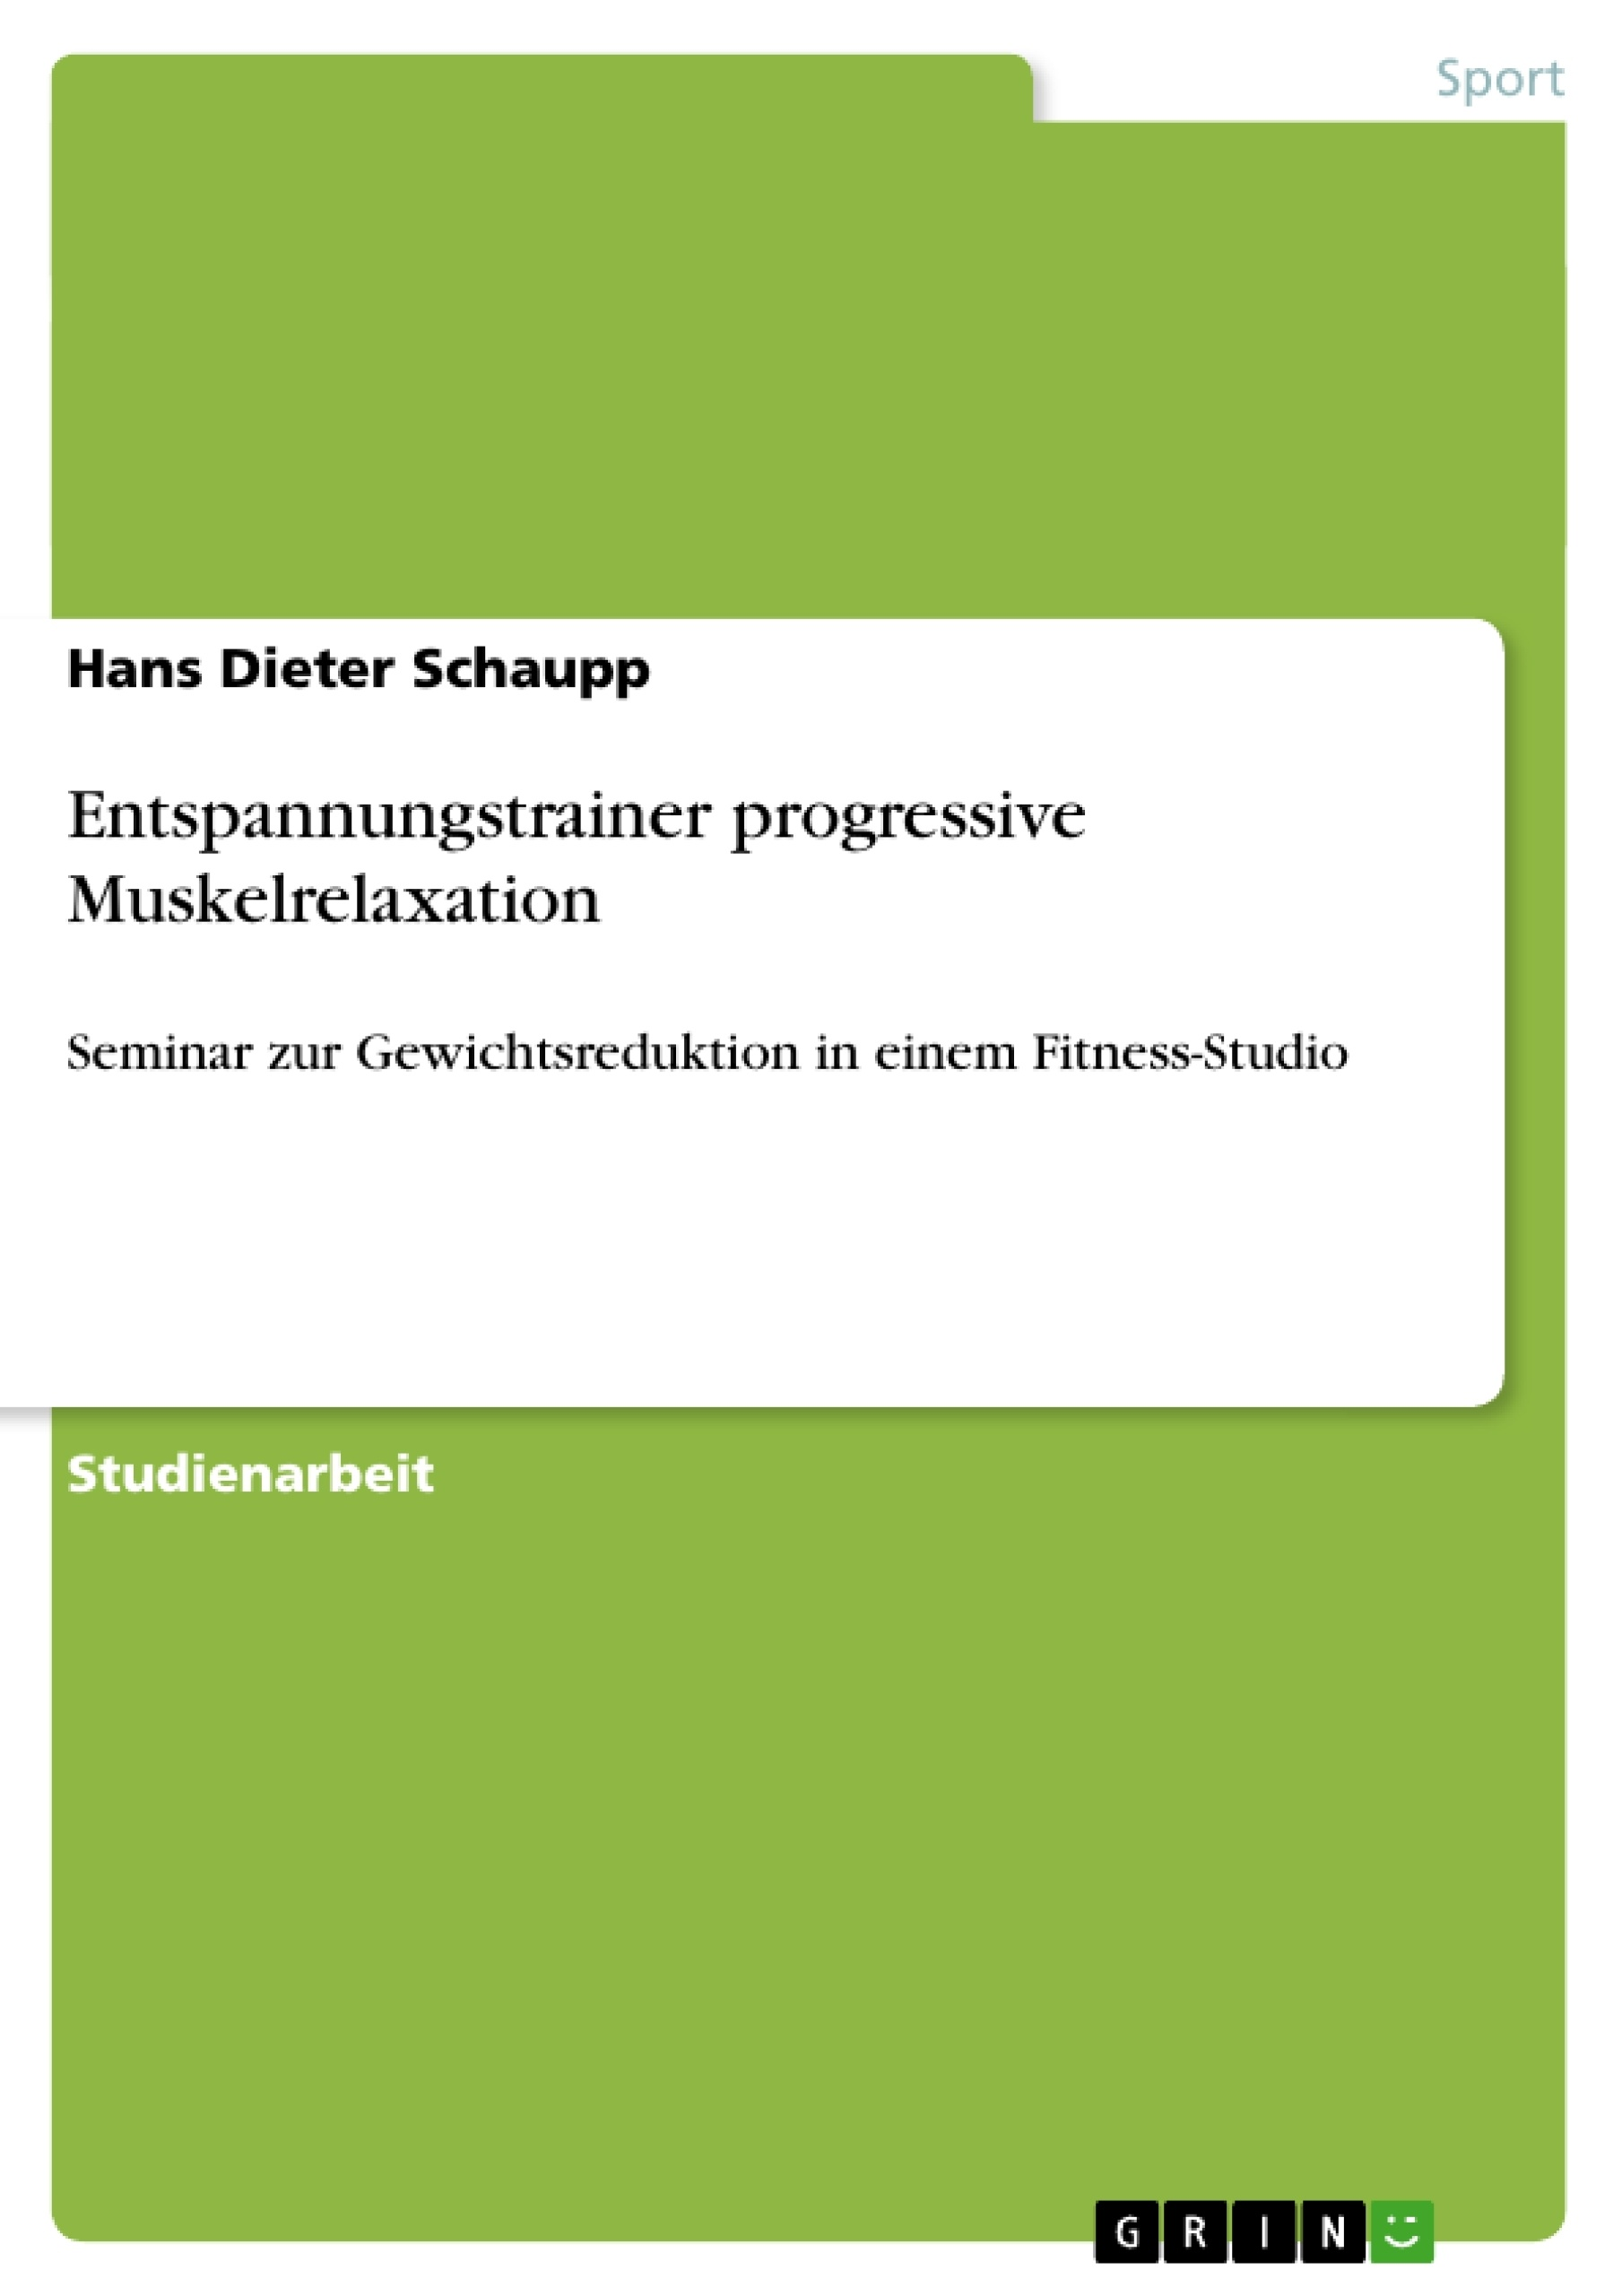 Titel: Entspannungstrainer progressive Muskelrelaxation